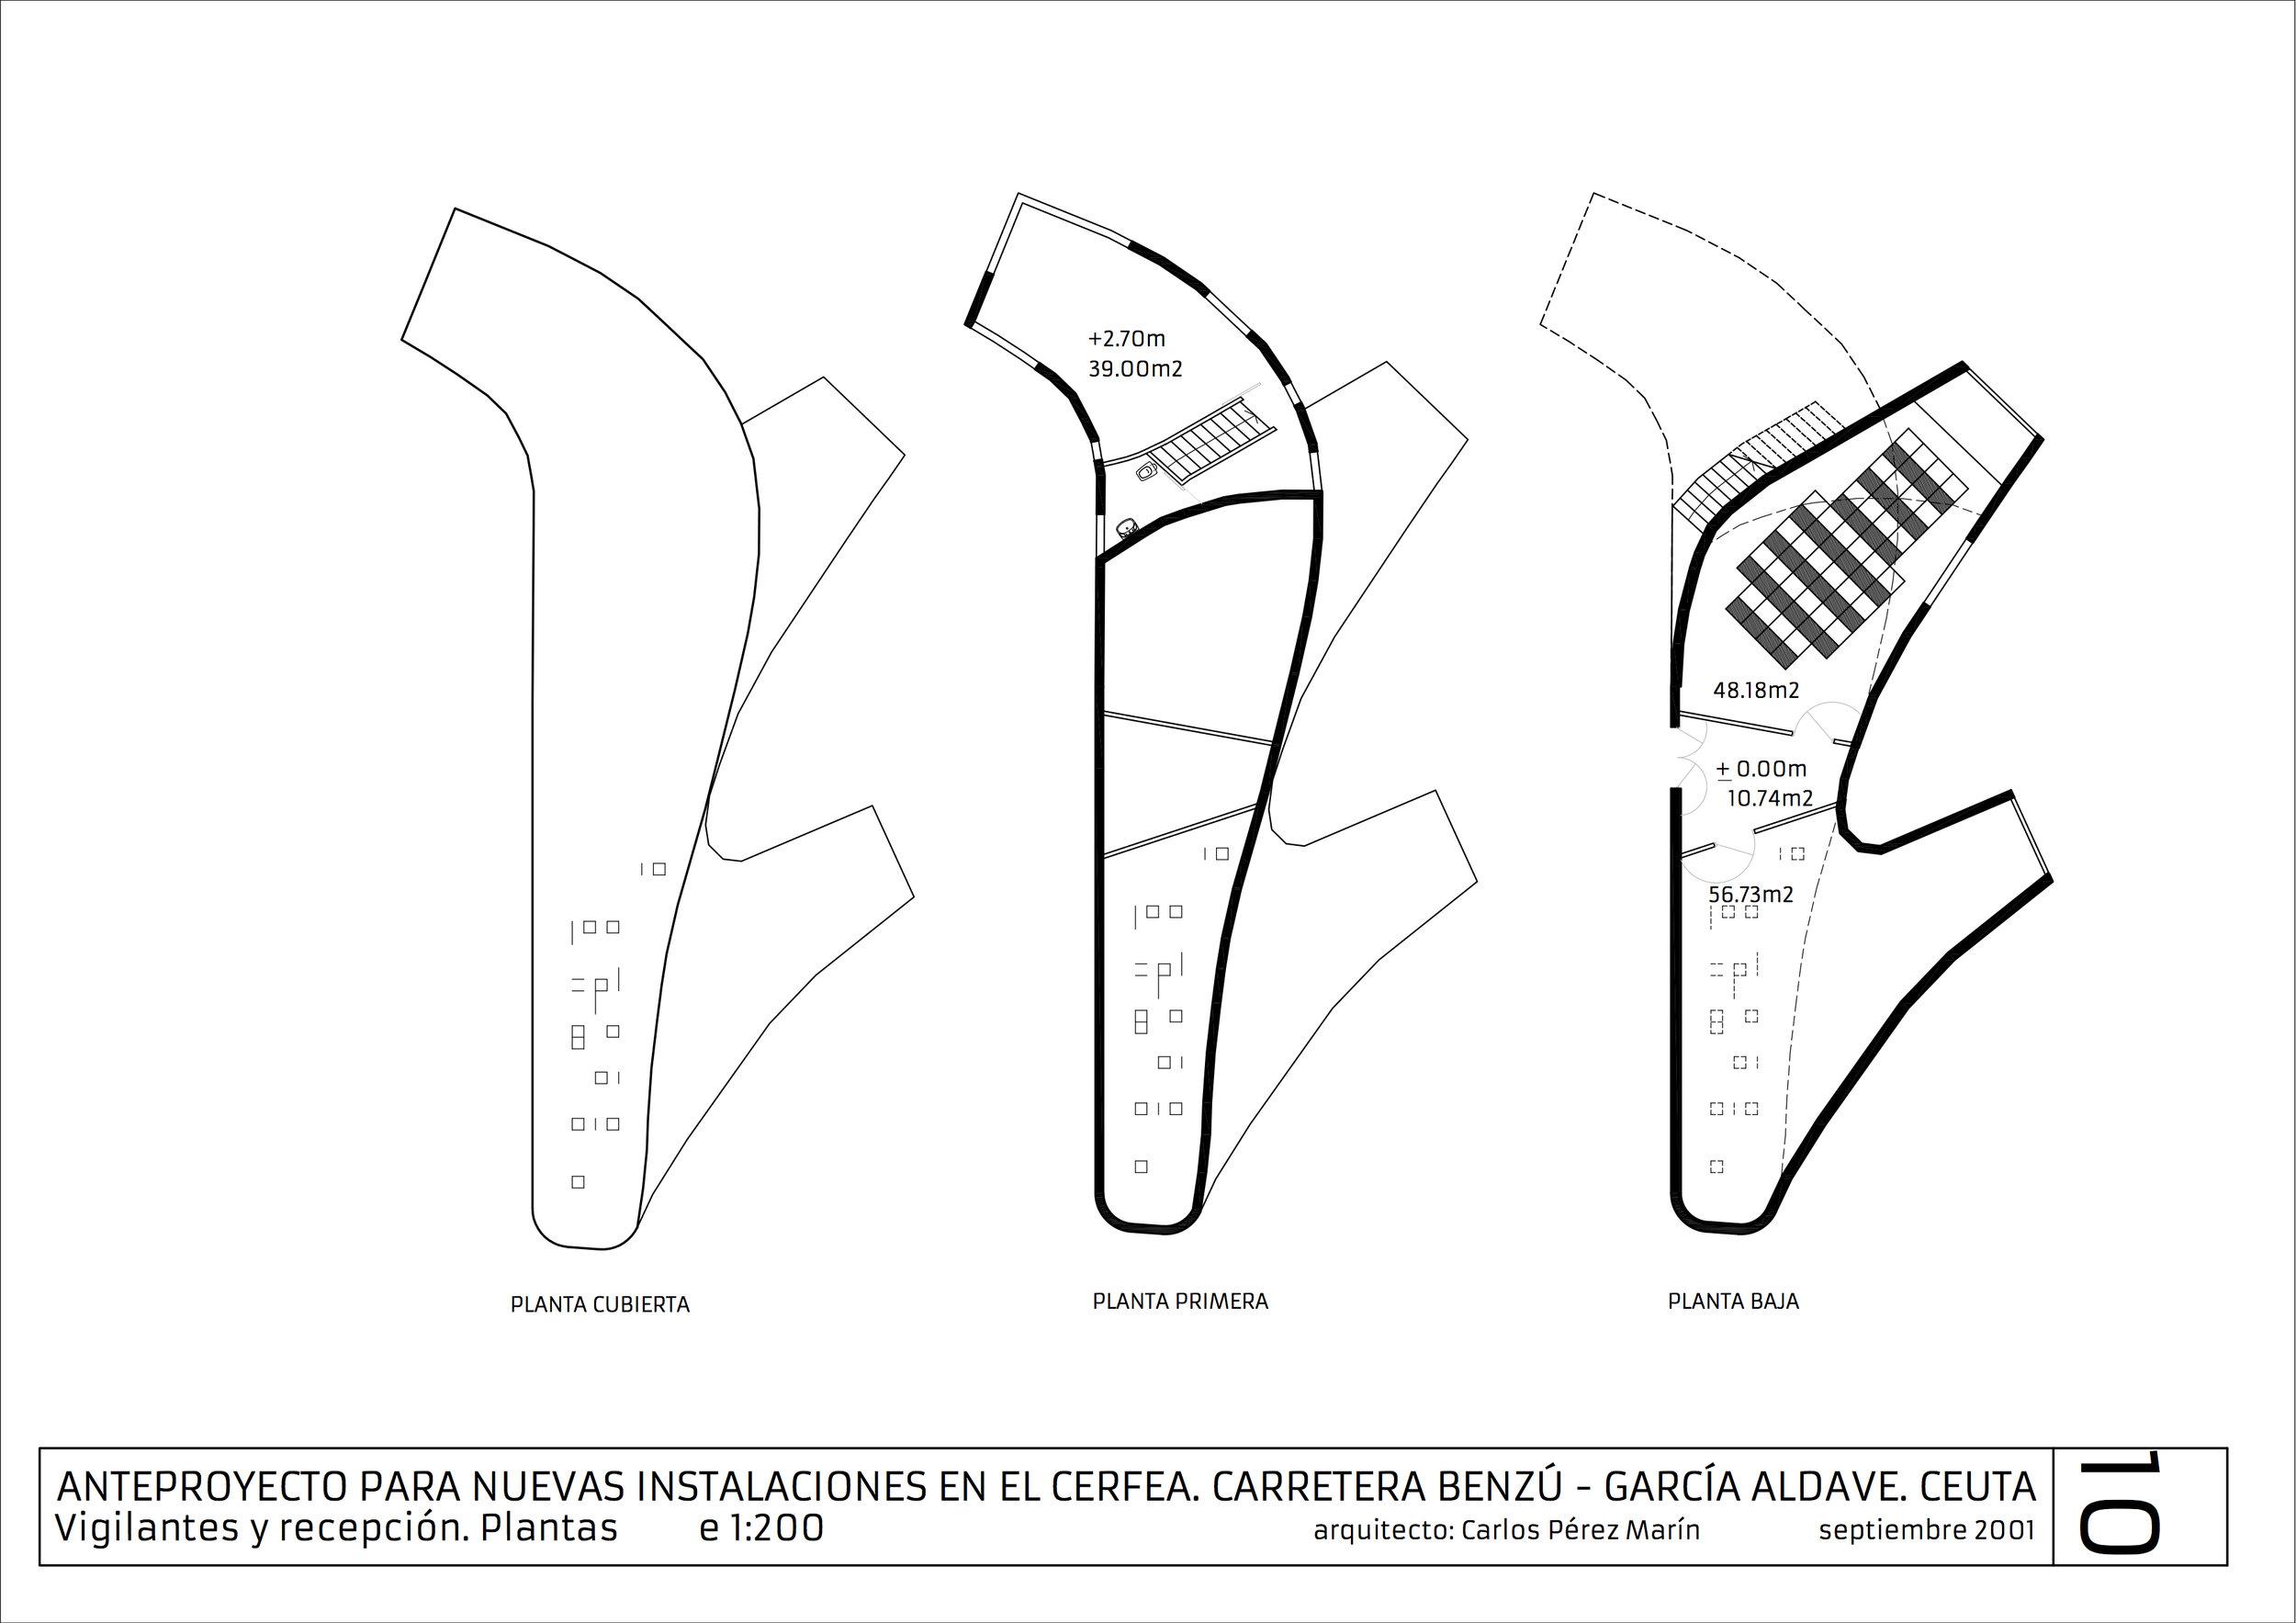 CERFEA 02 VIGILATES 01.jpg